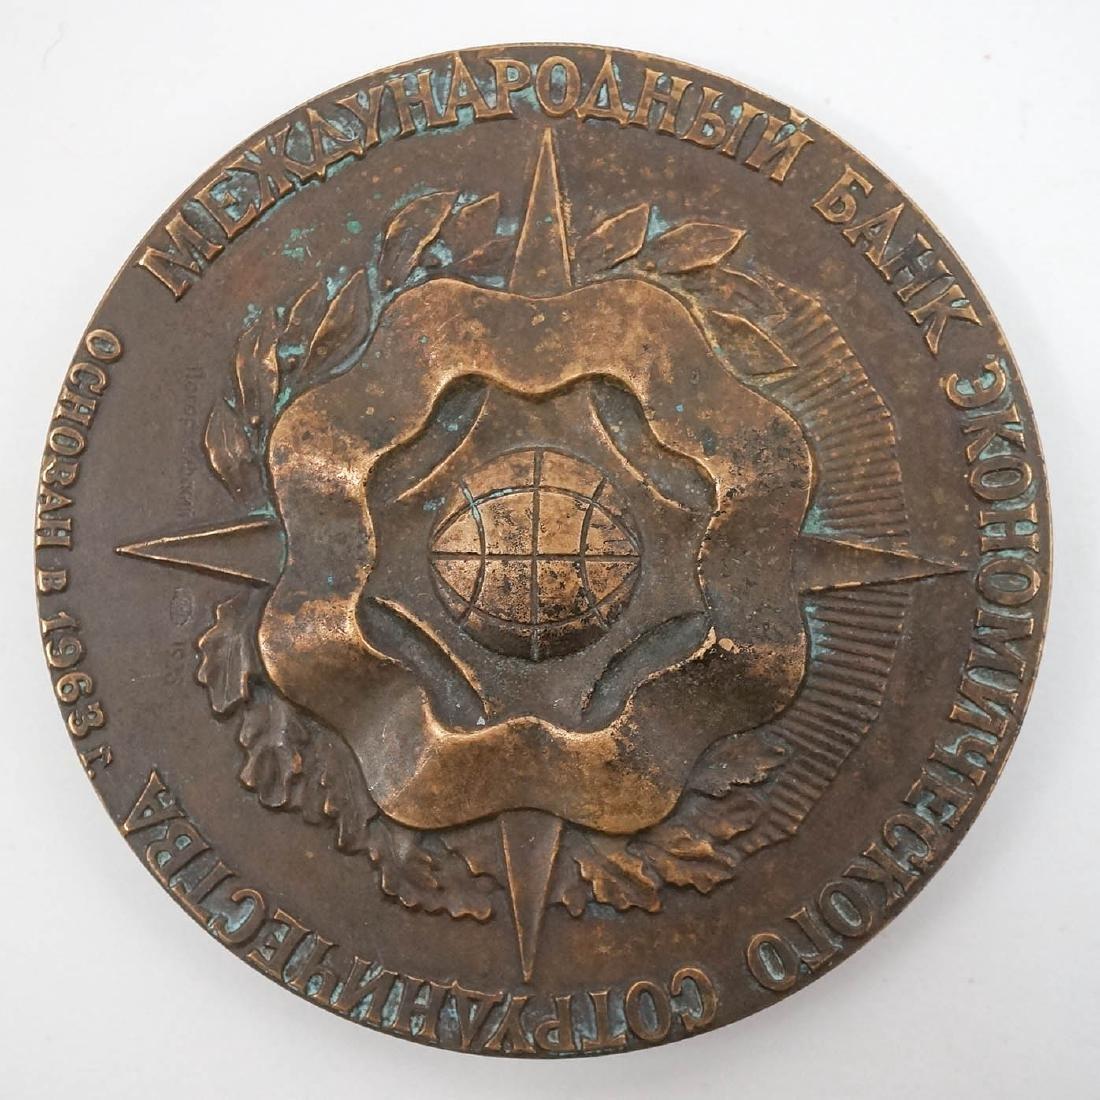 A Russian Bronze Commemorative Medal